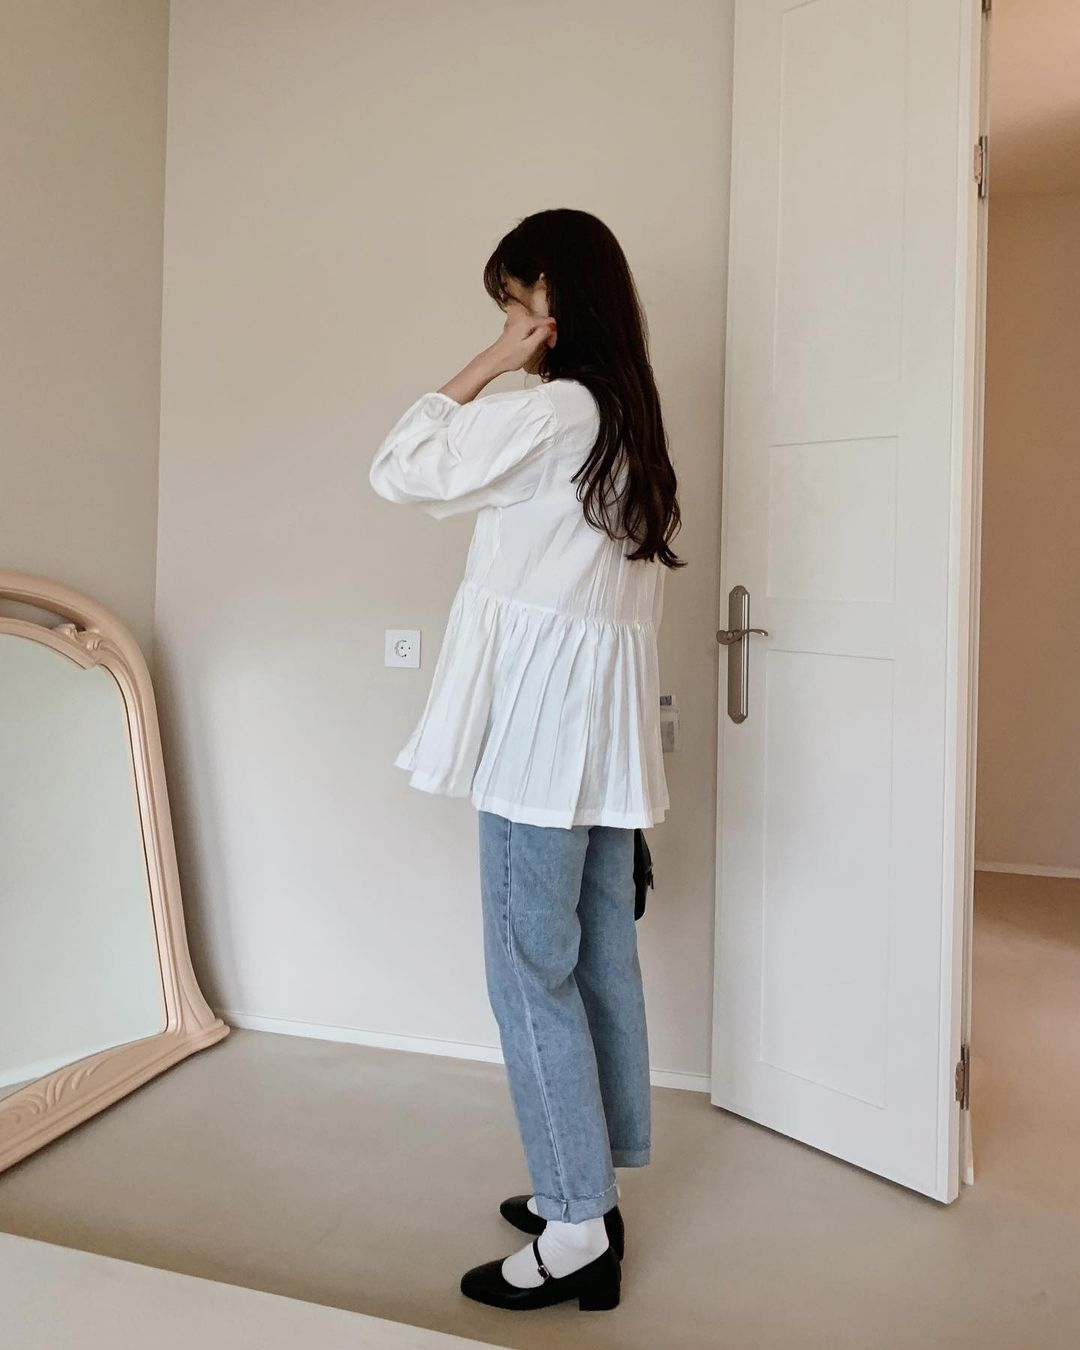 Có 1 mẫu áo mà dàn gái Hàn đang nâng như nâng trứng, diện lên đảm bảo có ảnh đẹp post Instagram sống ảo! - Ảnh 6.